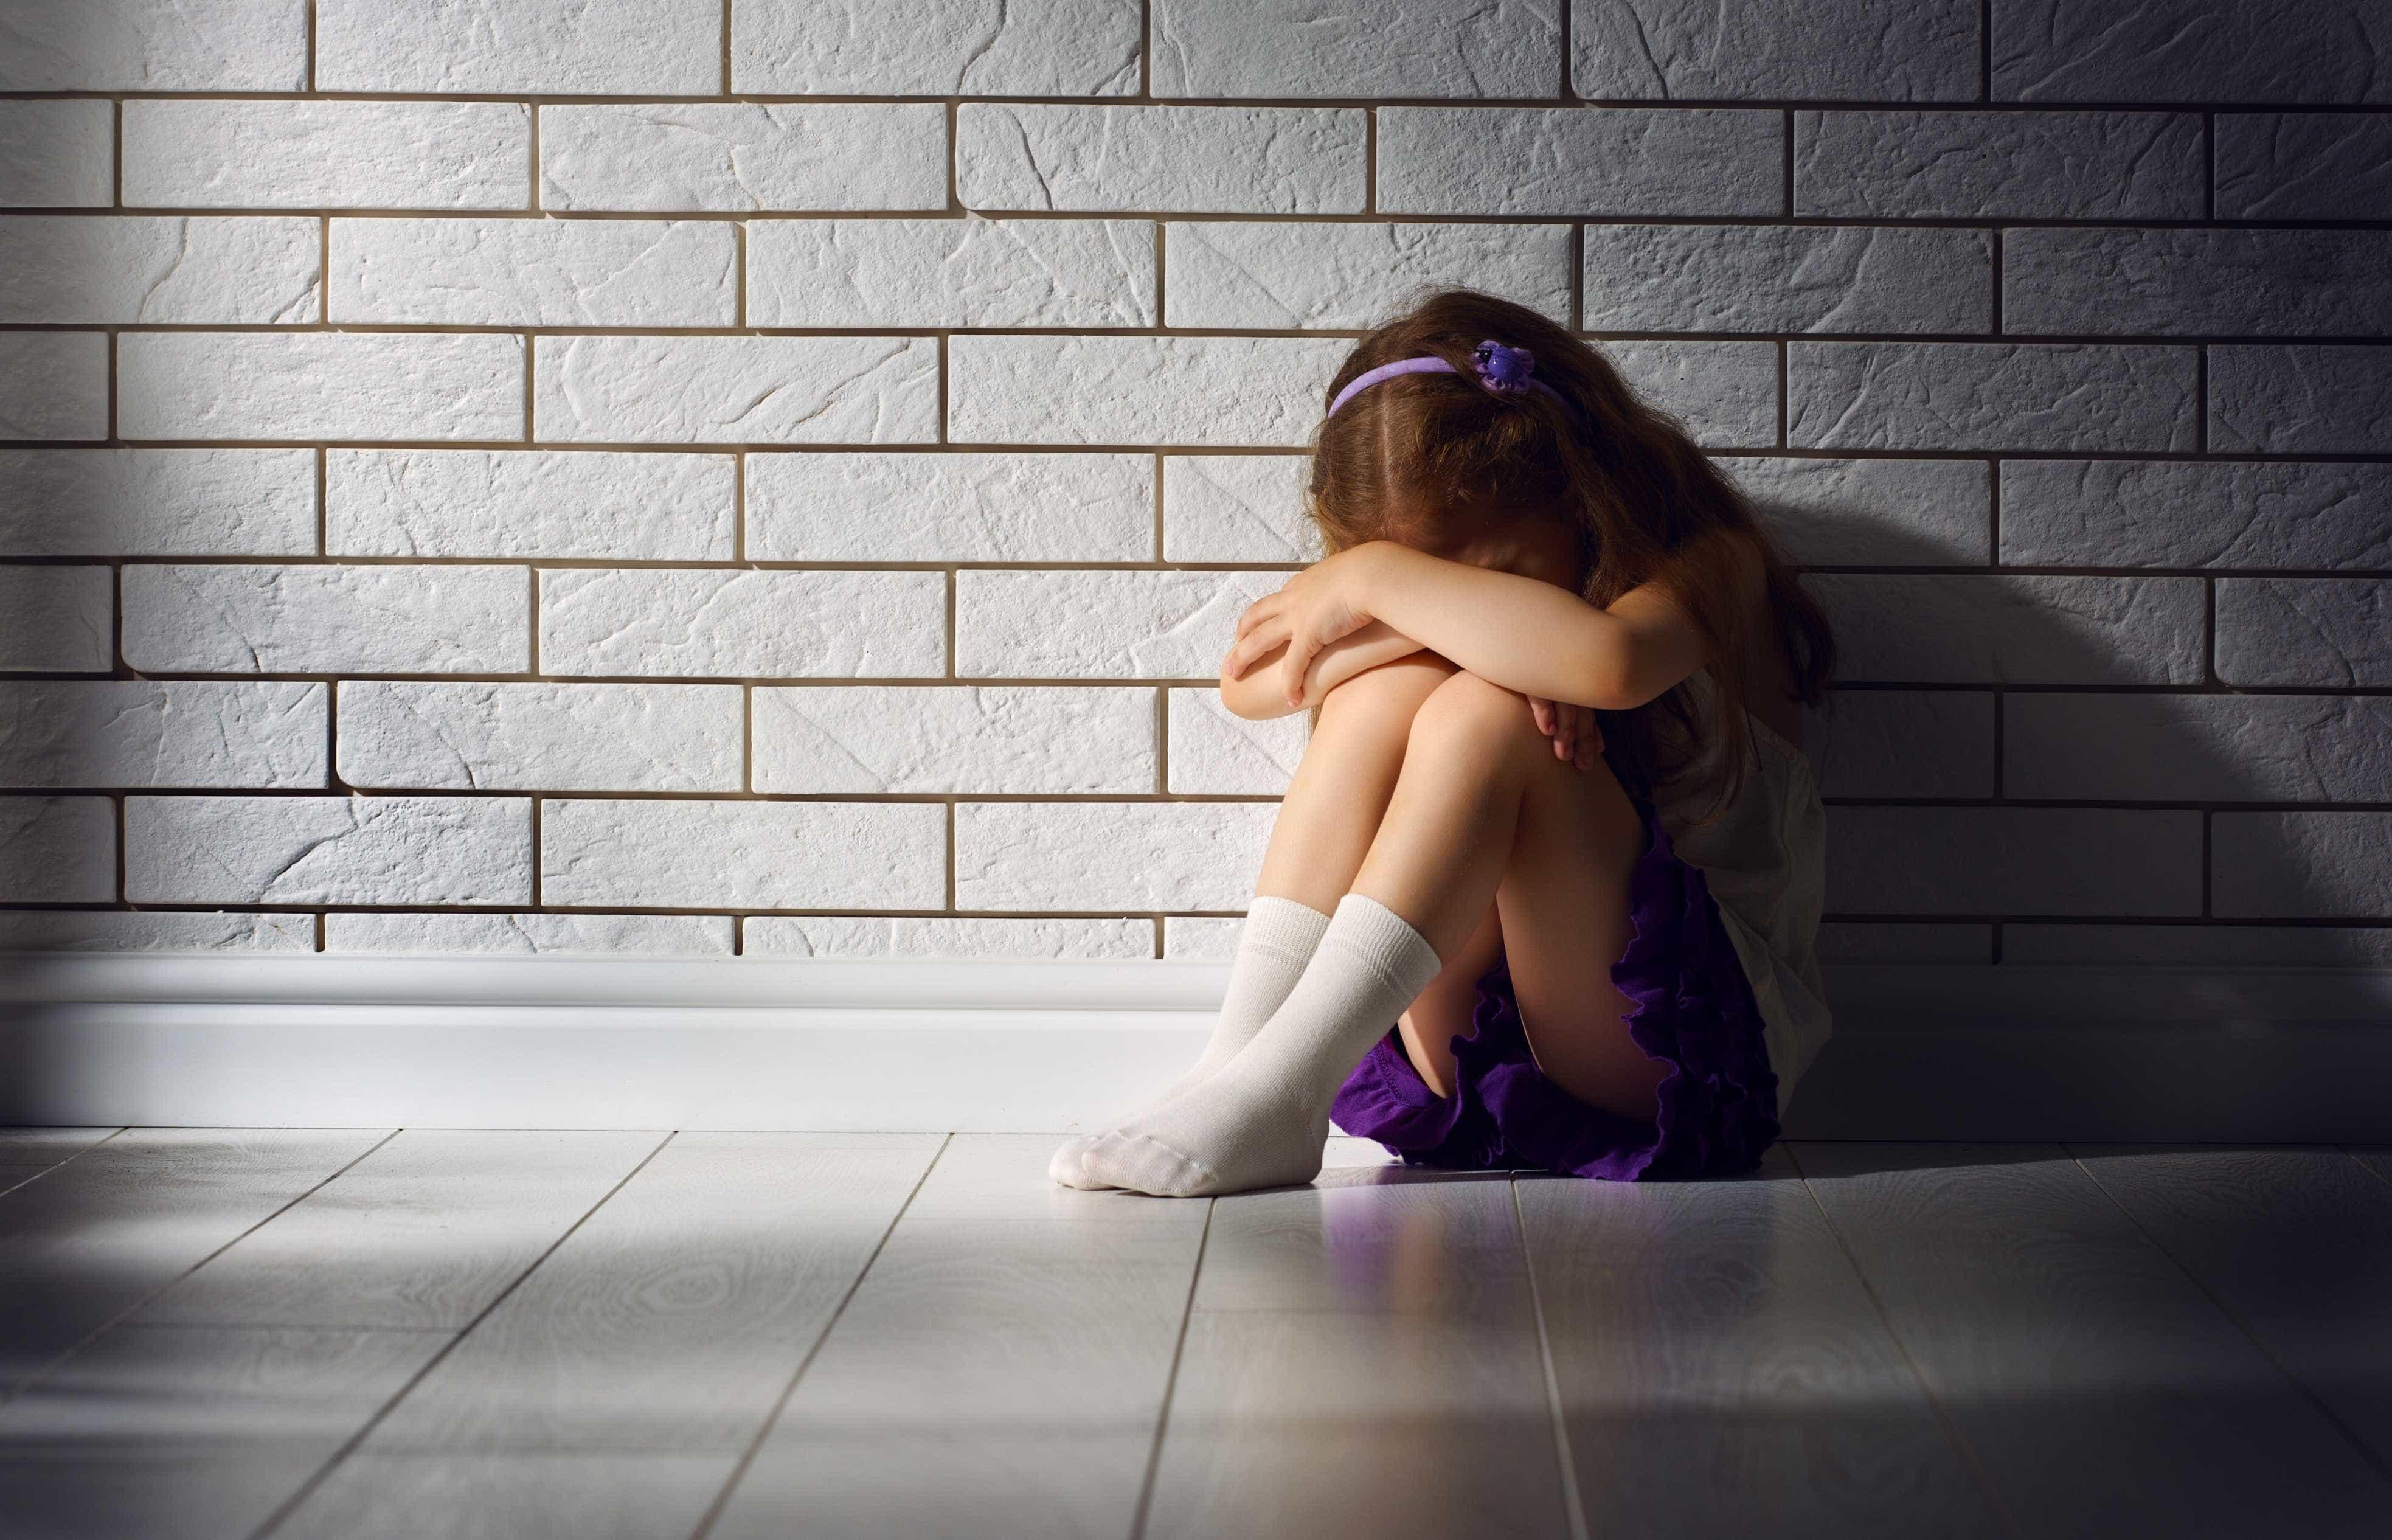 Abusou e espancou enteadas durante anos. Aguarda julgamento em liberdade